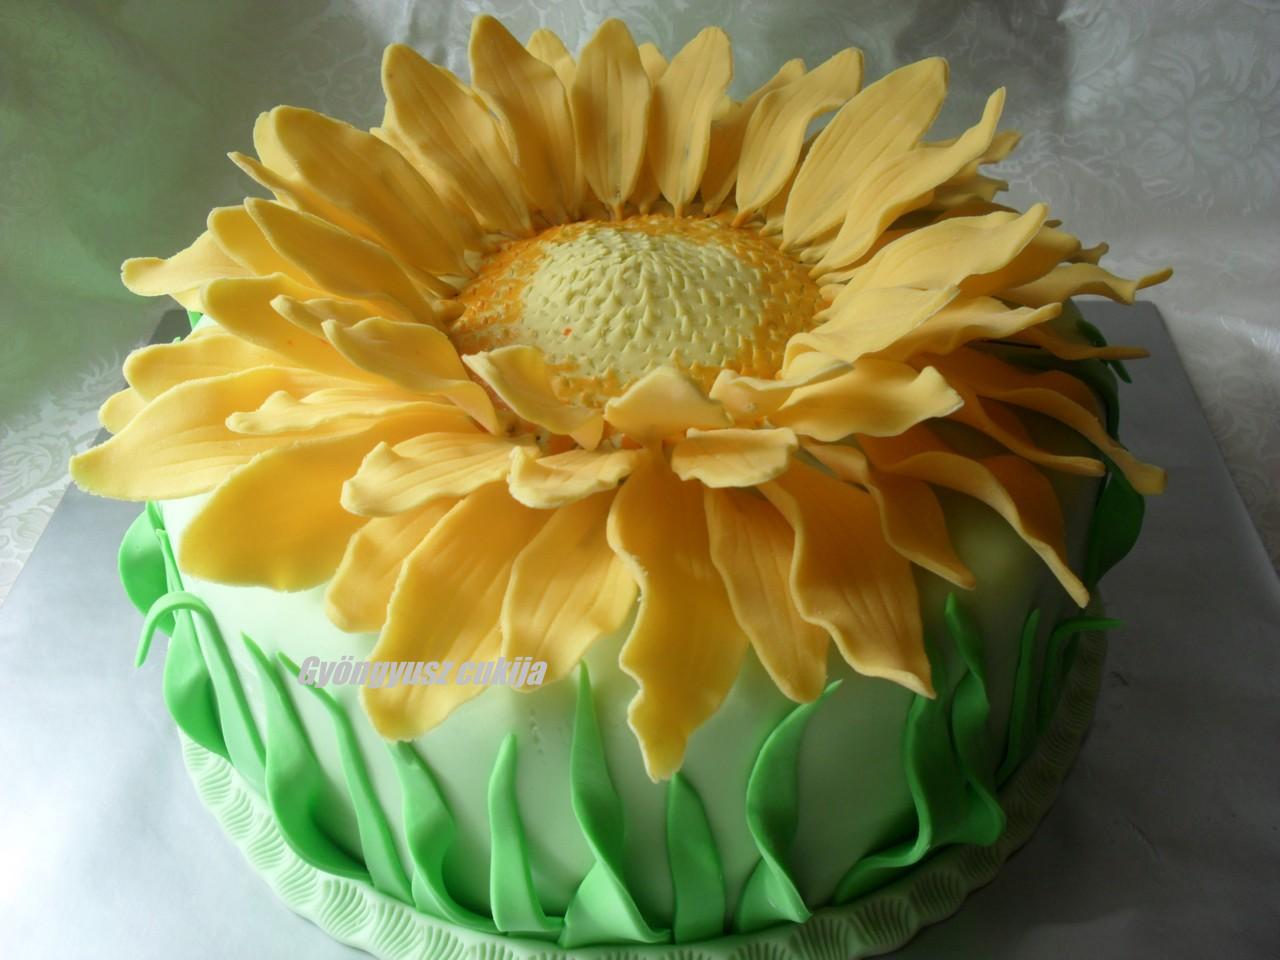 napraforgó torta képek Gyöngyusz konyhája és cukrászdája: Napraforgó torta napraforgó torta képek